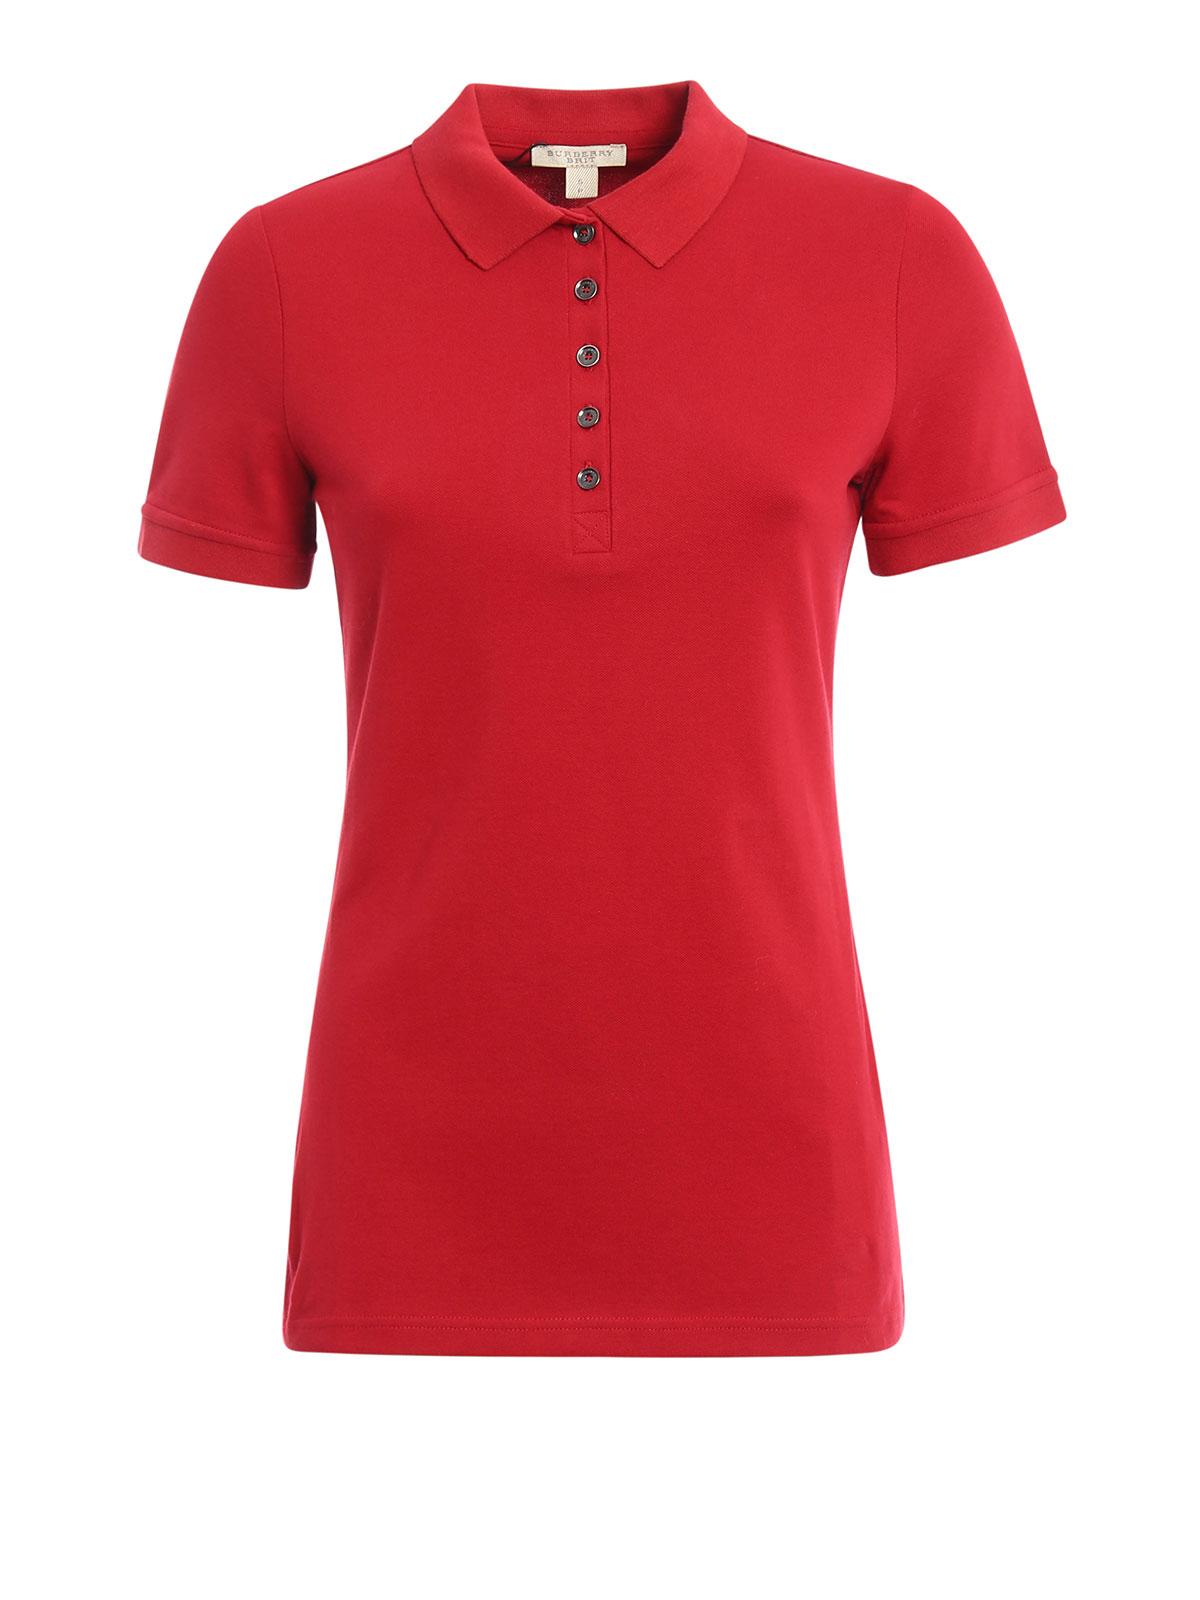 Burberry - Polo Rouge Pour Femme - Polos - 4557694   iKRIX.com de3c1f9192e5